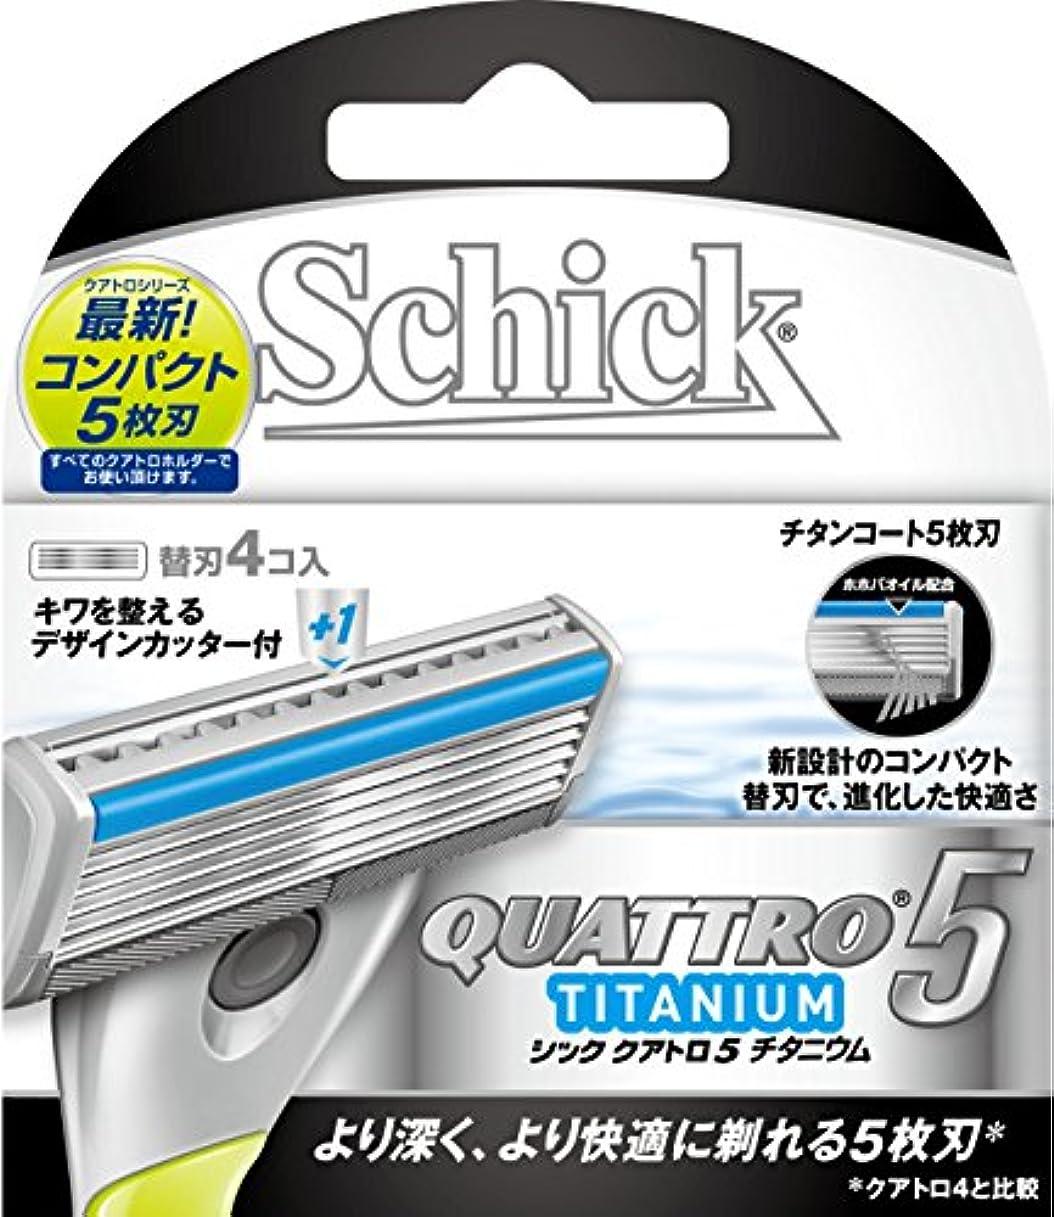 クレデンシャル試験申請中シック Schick クアトロ5 5枚刃 チタニウム 替刃 (4コ入)